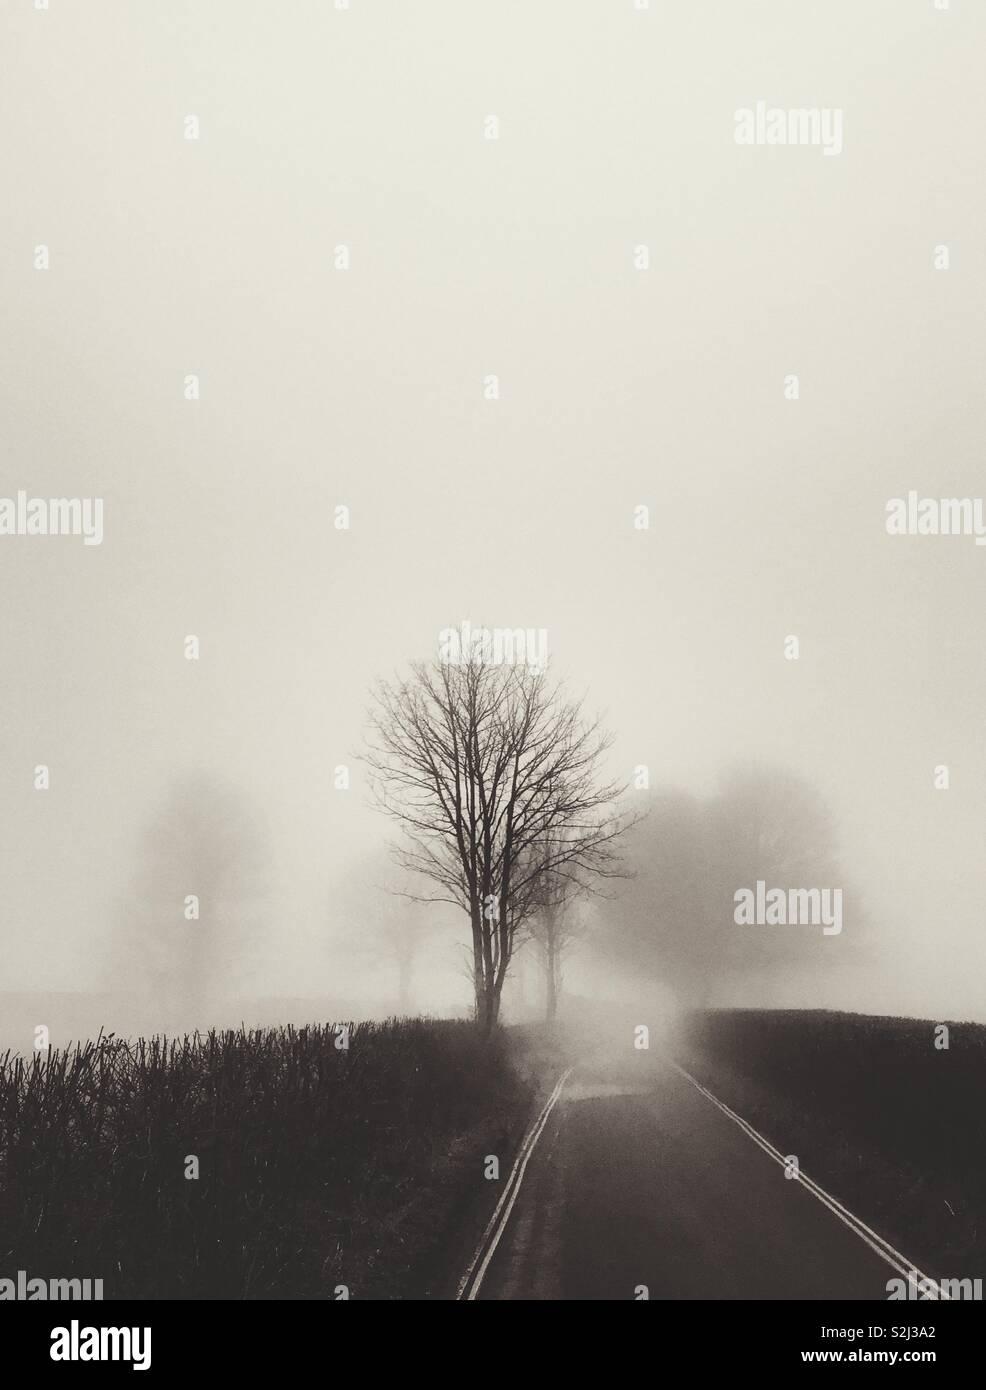 Eine neblige Lane mit Bäumen Stockbild